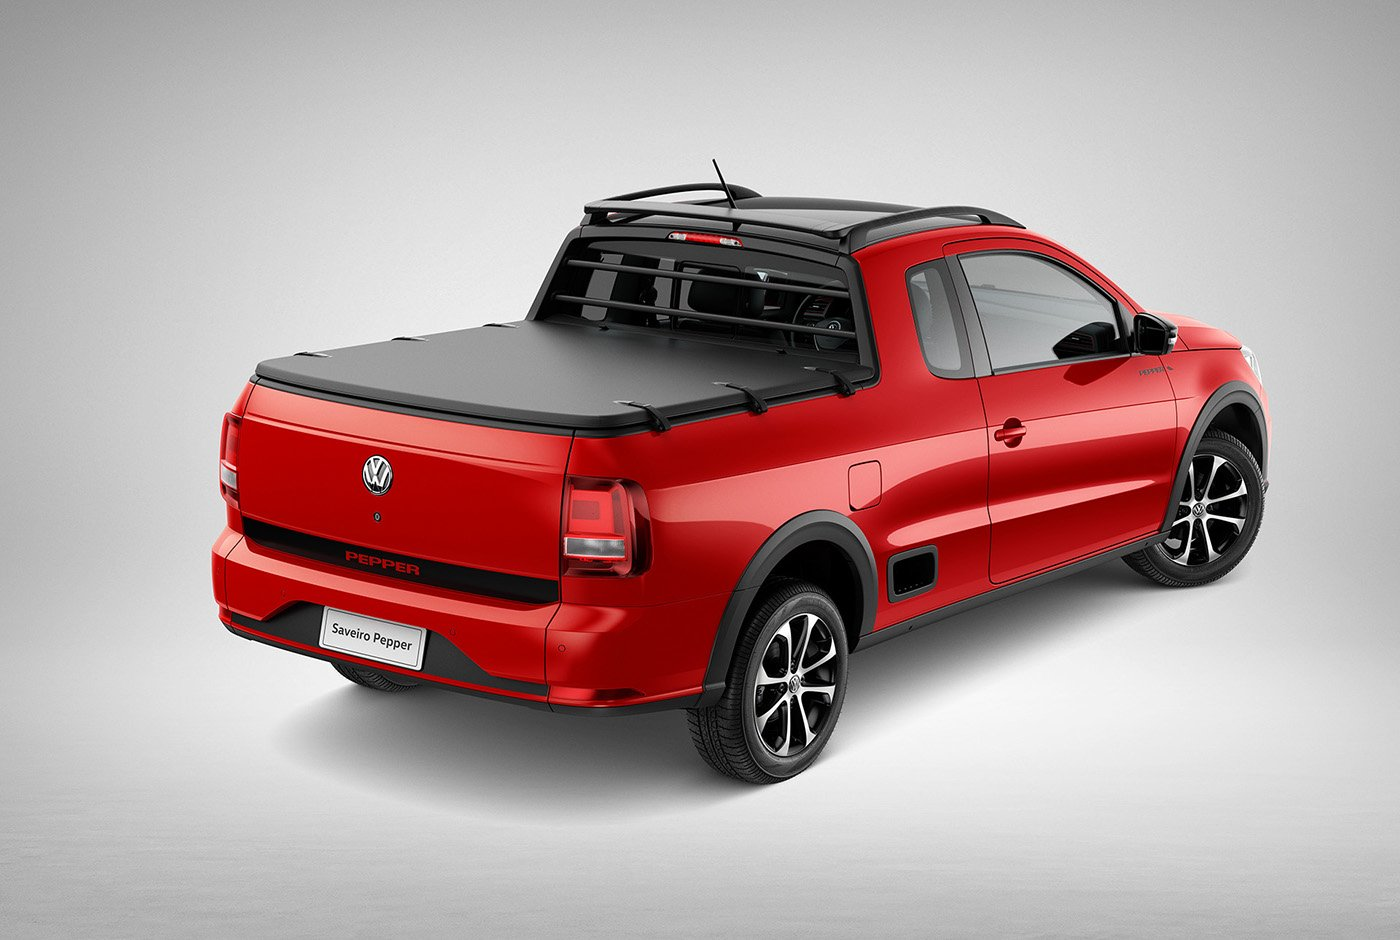 Volkswagen Saveiro precio mexico